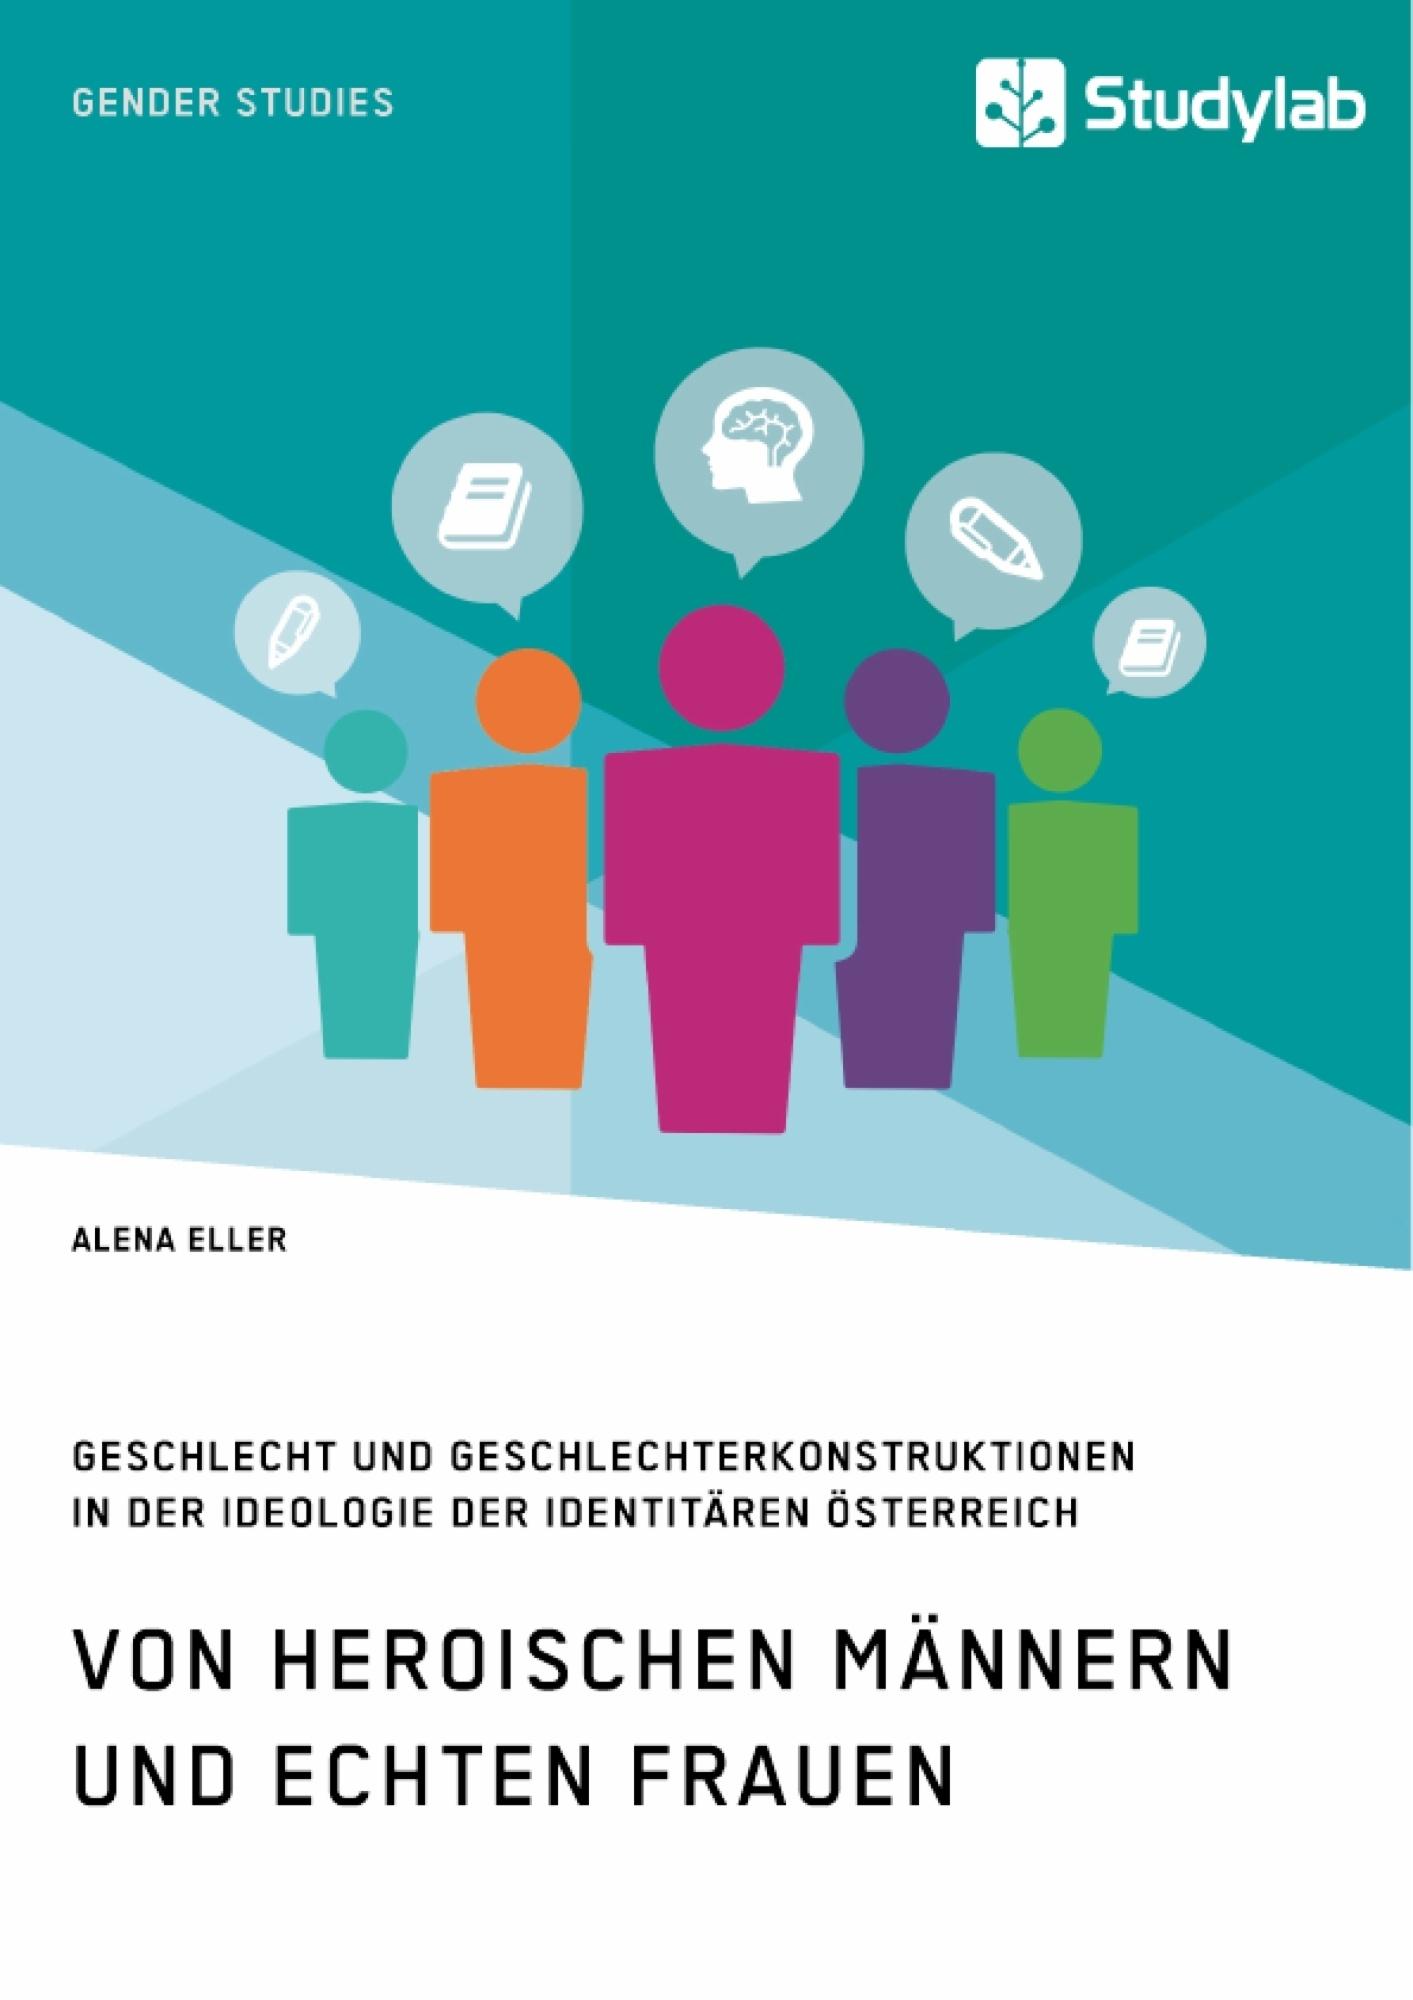 Titel: Von heroischen Männern und echten Frauen. Geschlecht und Geschlechterkonstruktionen in der Ideologie der Identitären Österreich